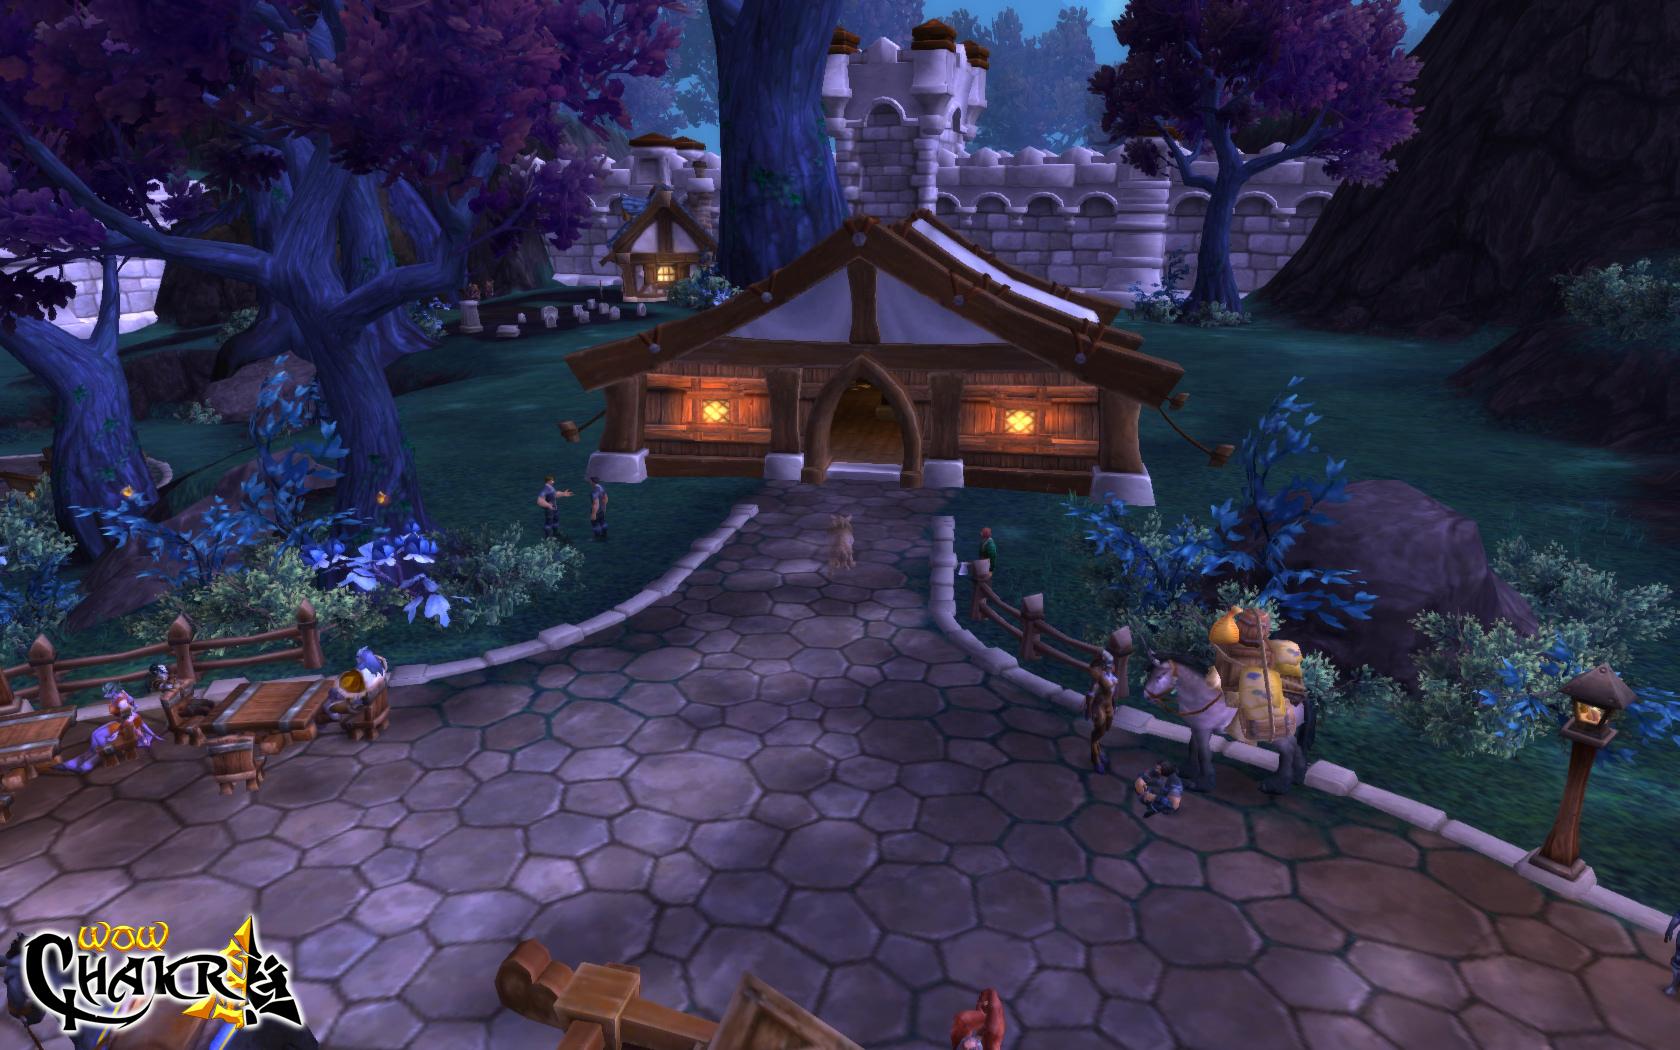 Edificios de la Ciudadela #5: el Cuartel (actualizado)